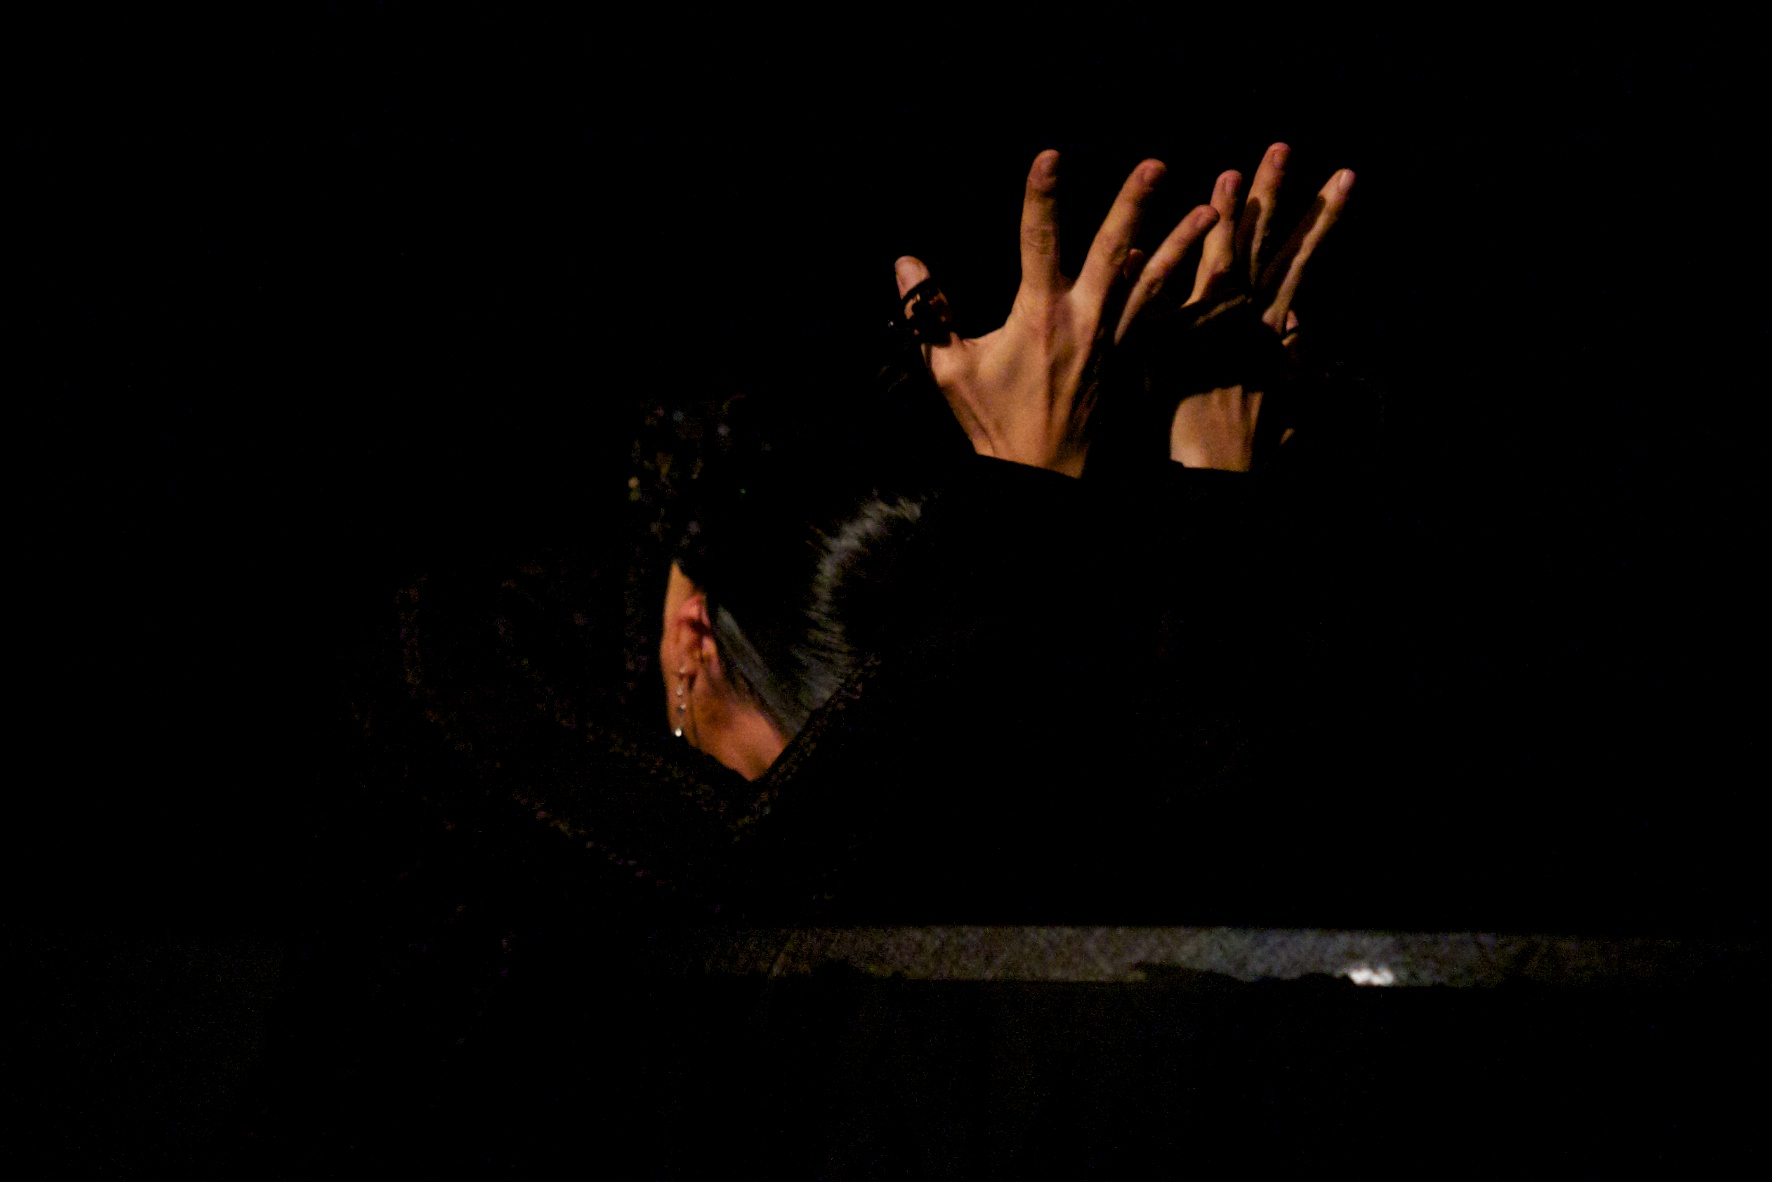 Al alba 0318 2011-10-25.jpg